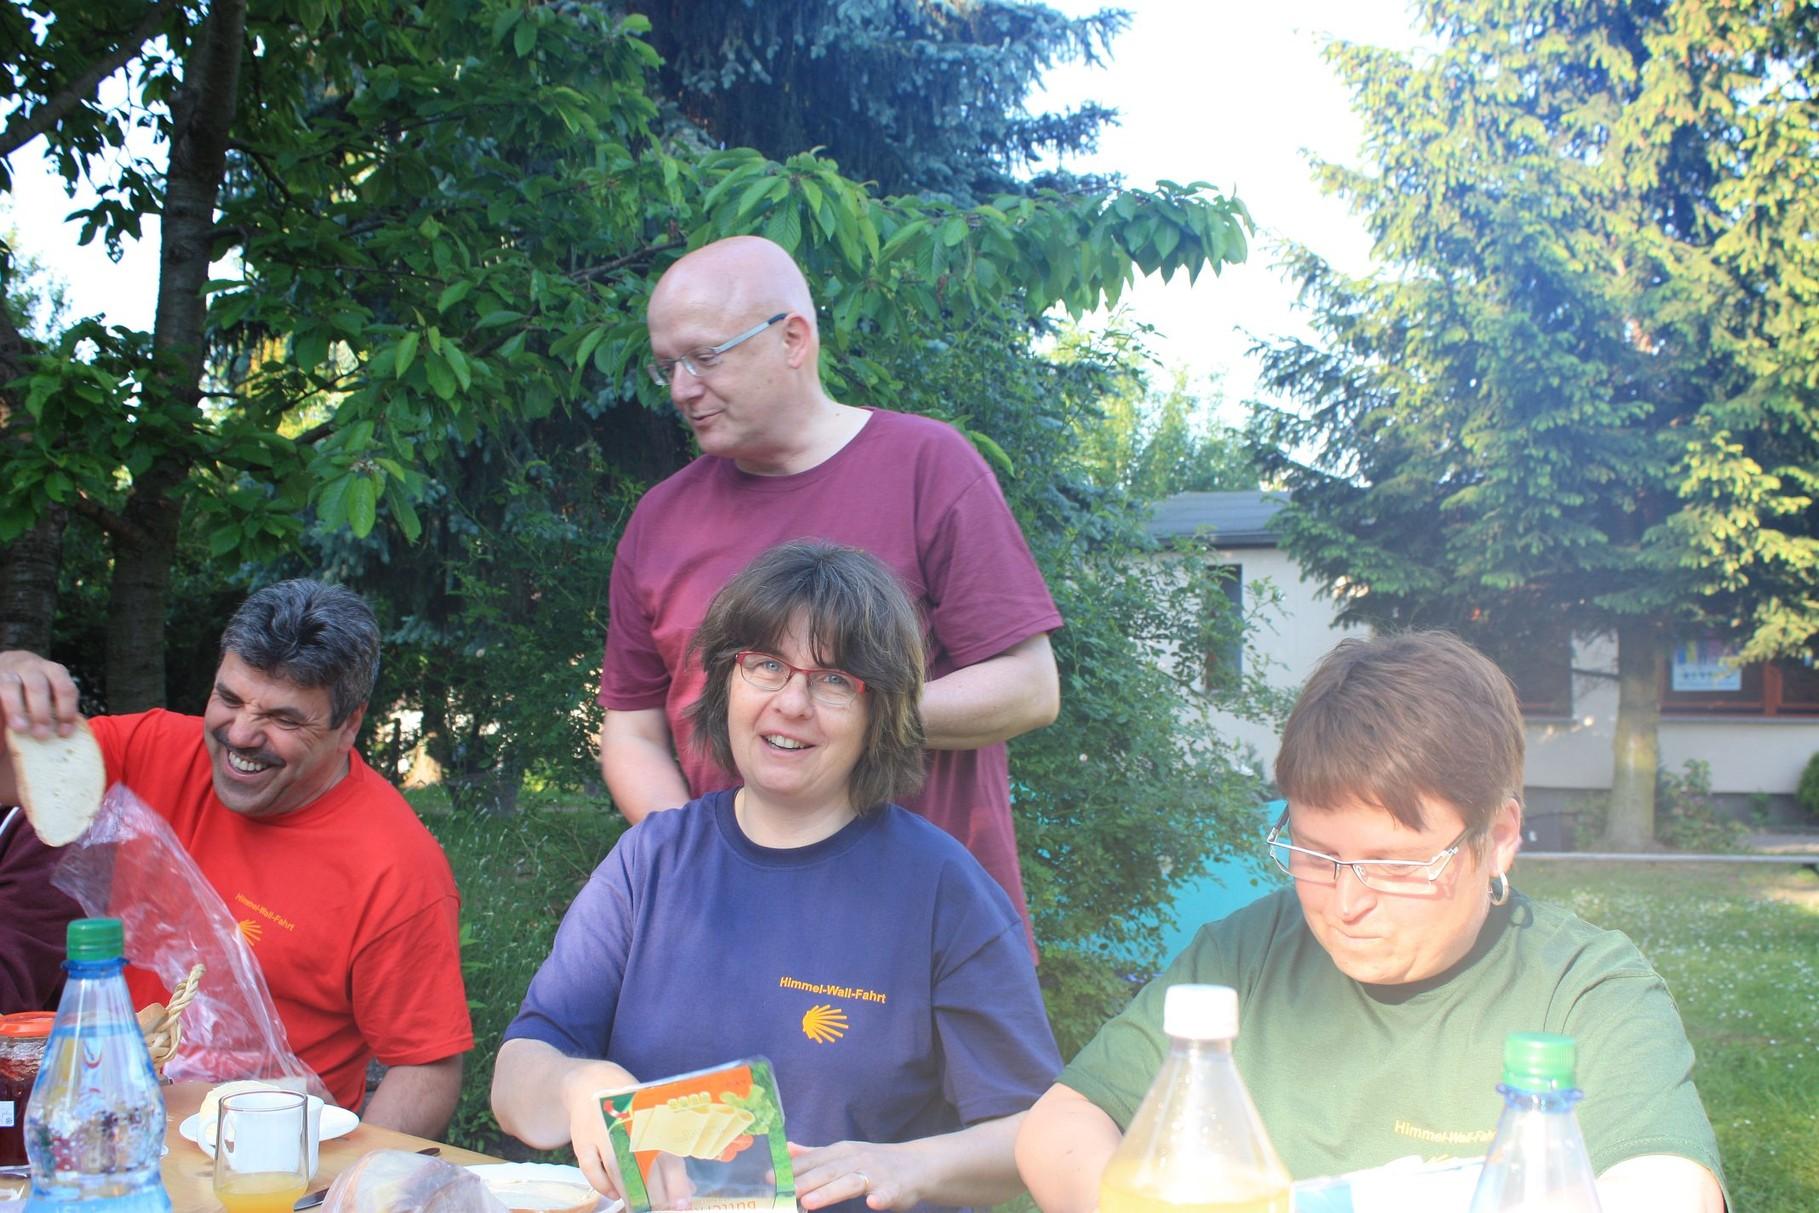 Gastfreundschaft in der Gemeinde St. Bonifatius in Bad Belzig